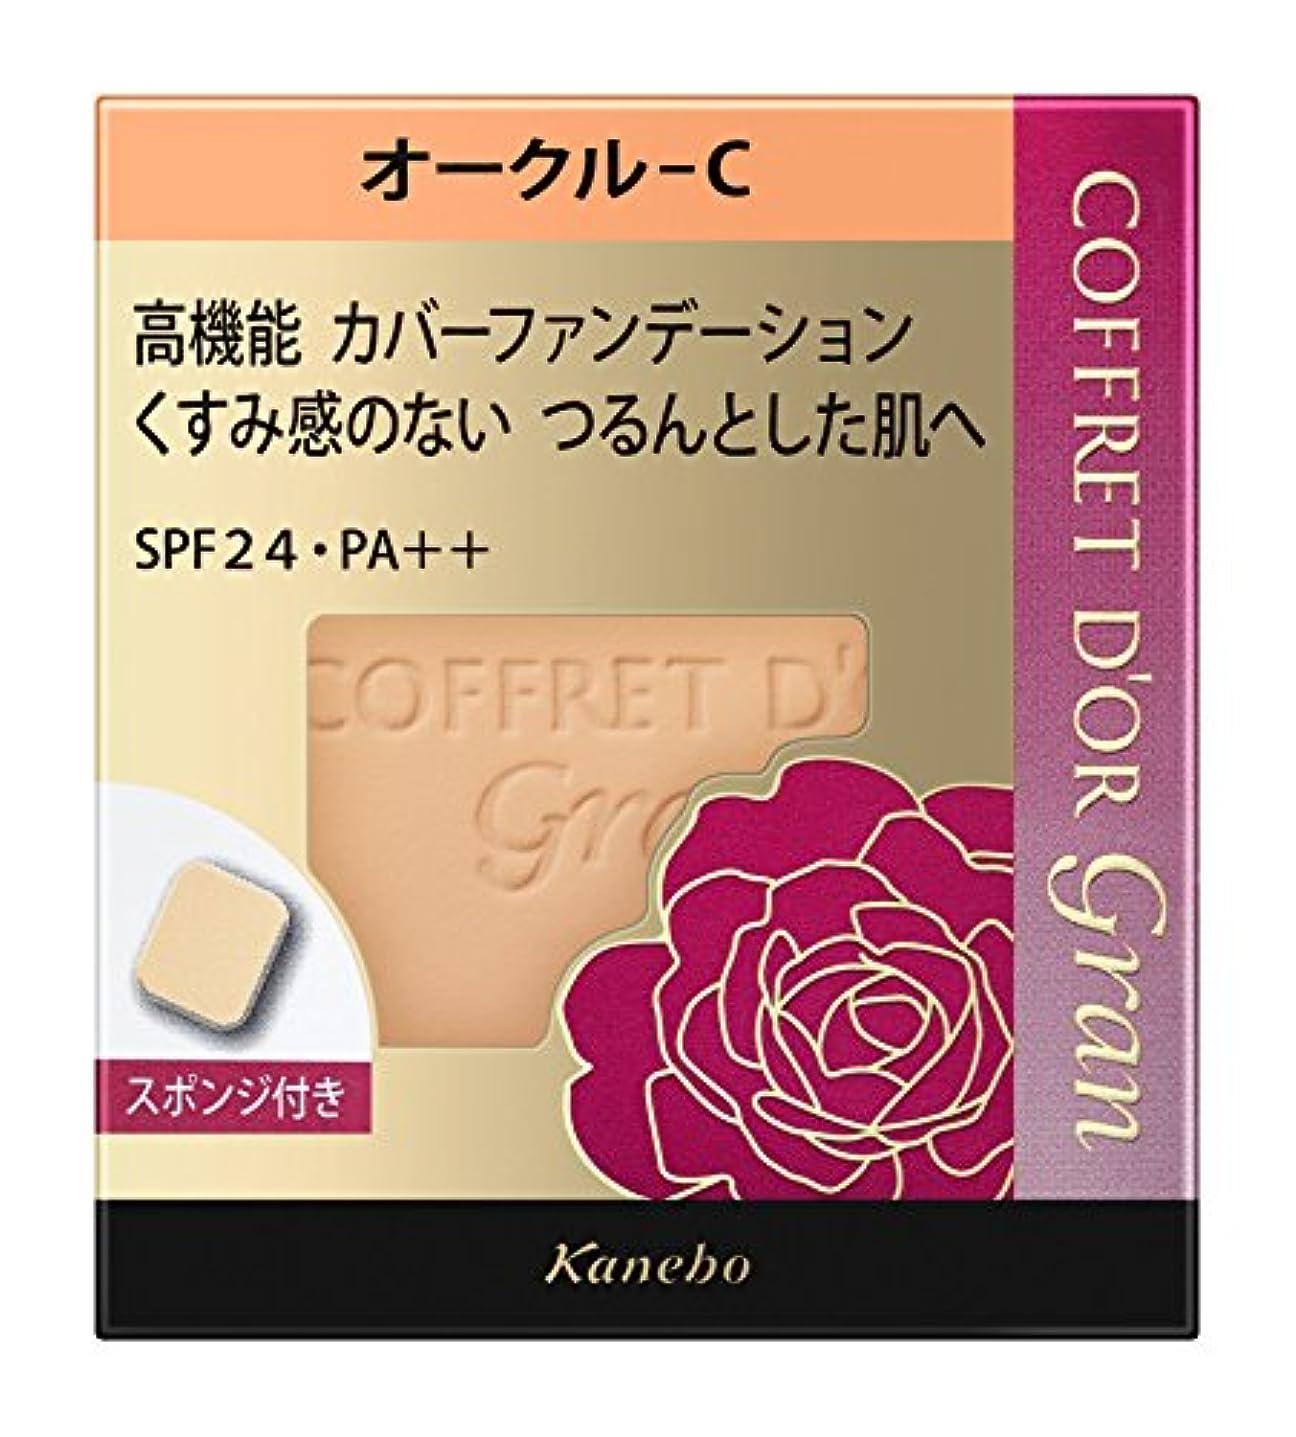 コフレドール グラン ファンデーション カバーフィットパクトUV2 オークルC SPF24/PA++ 10.5g